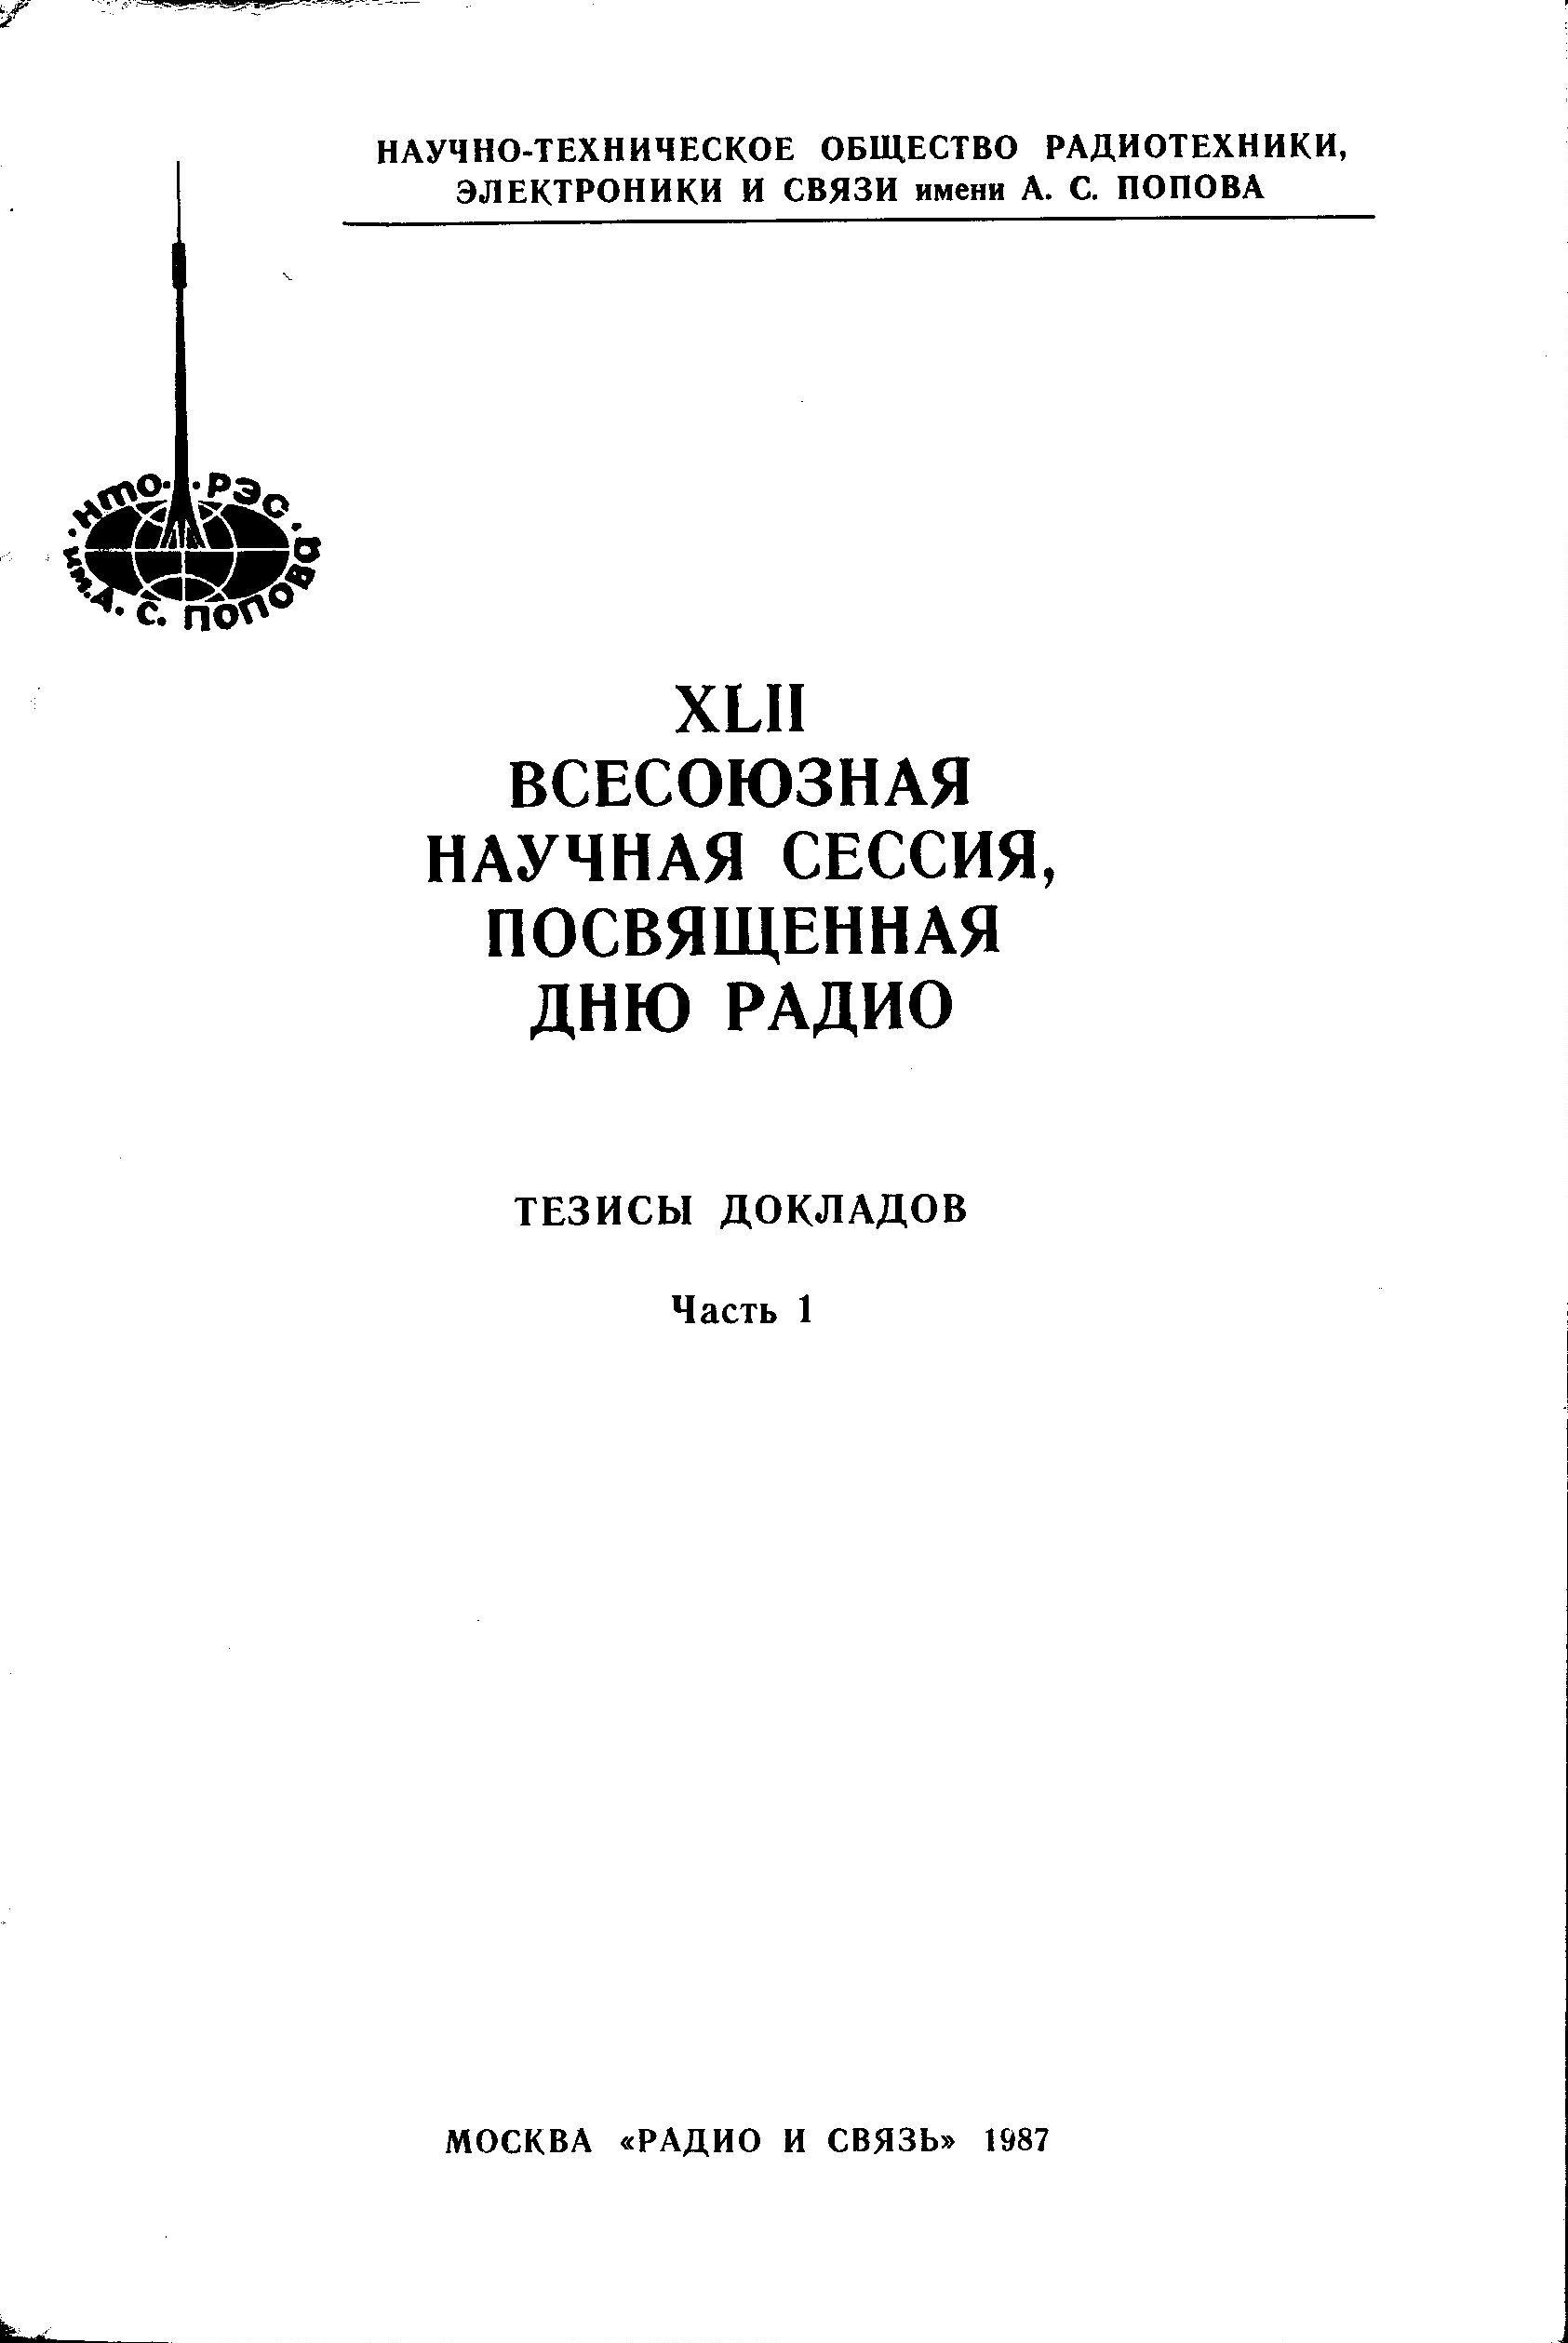 XLII Всесоюзная научная сессия, посвящённая Дню Радио: Тезисы докладов